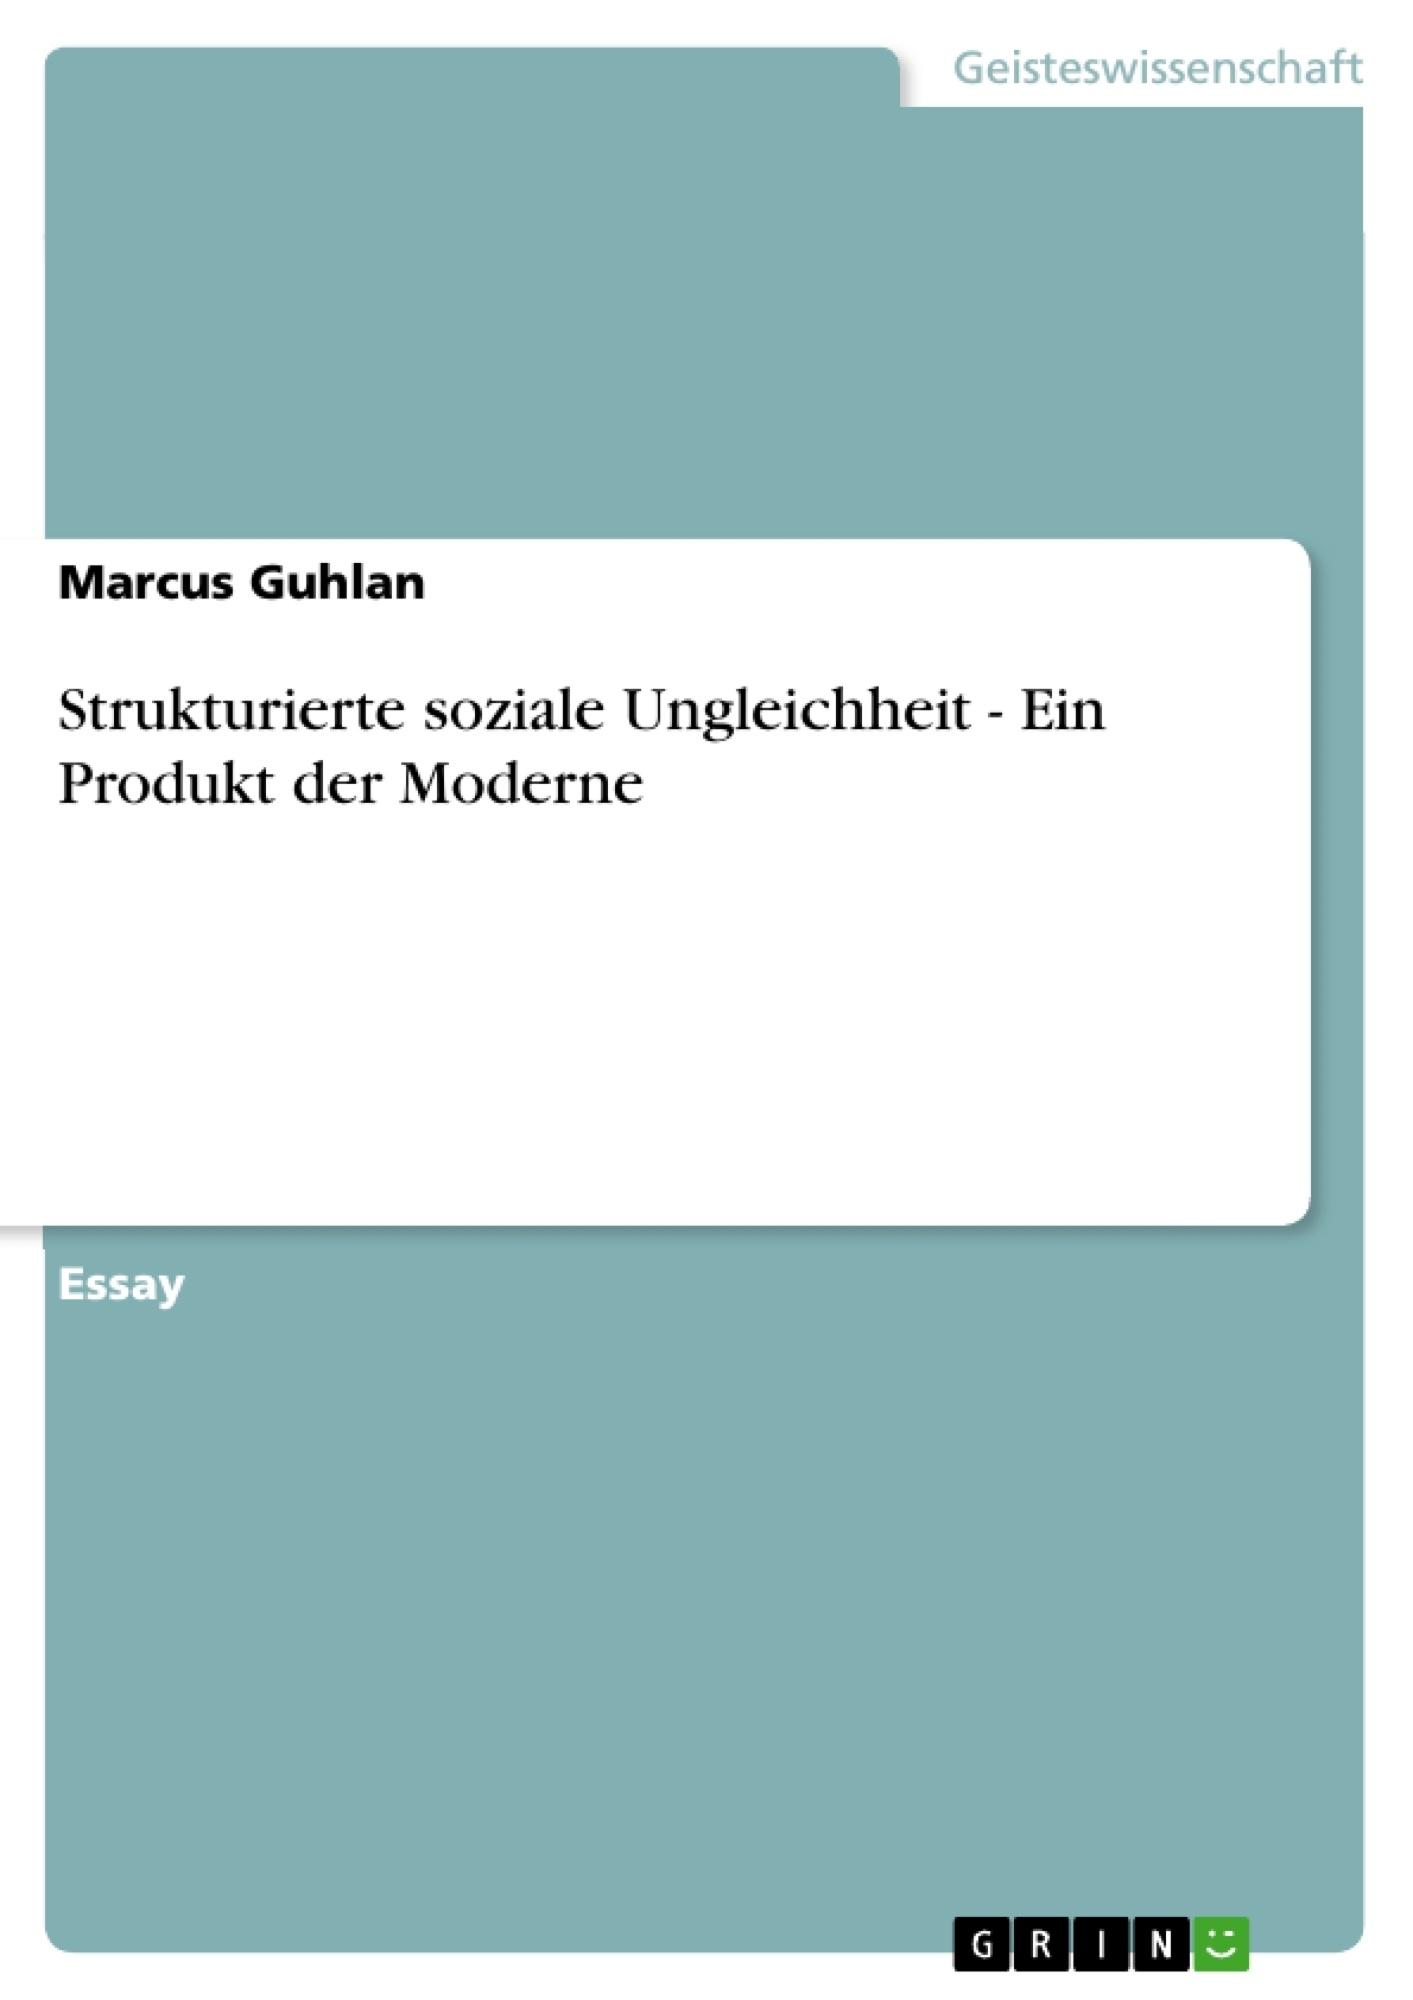 Titel: Strukturierte soziale Ungleichheit - Ein Produkt der Moderne